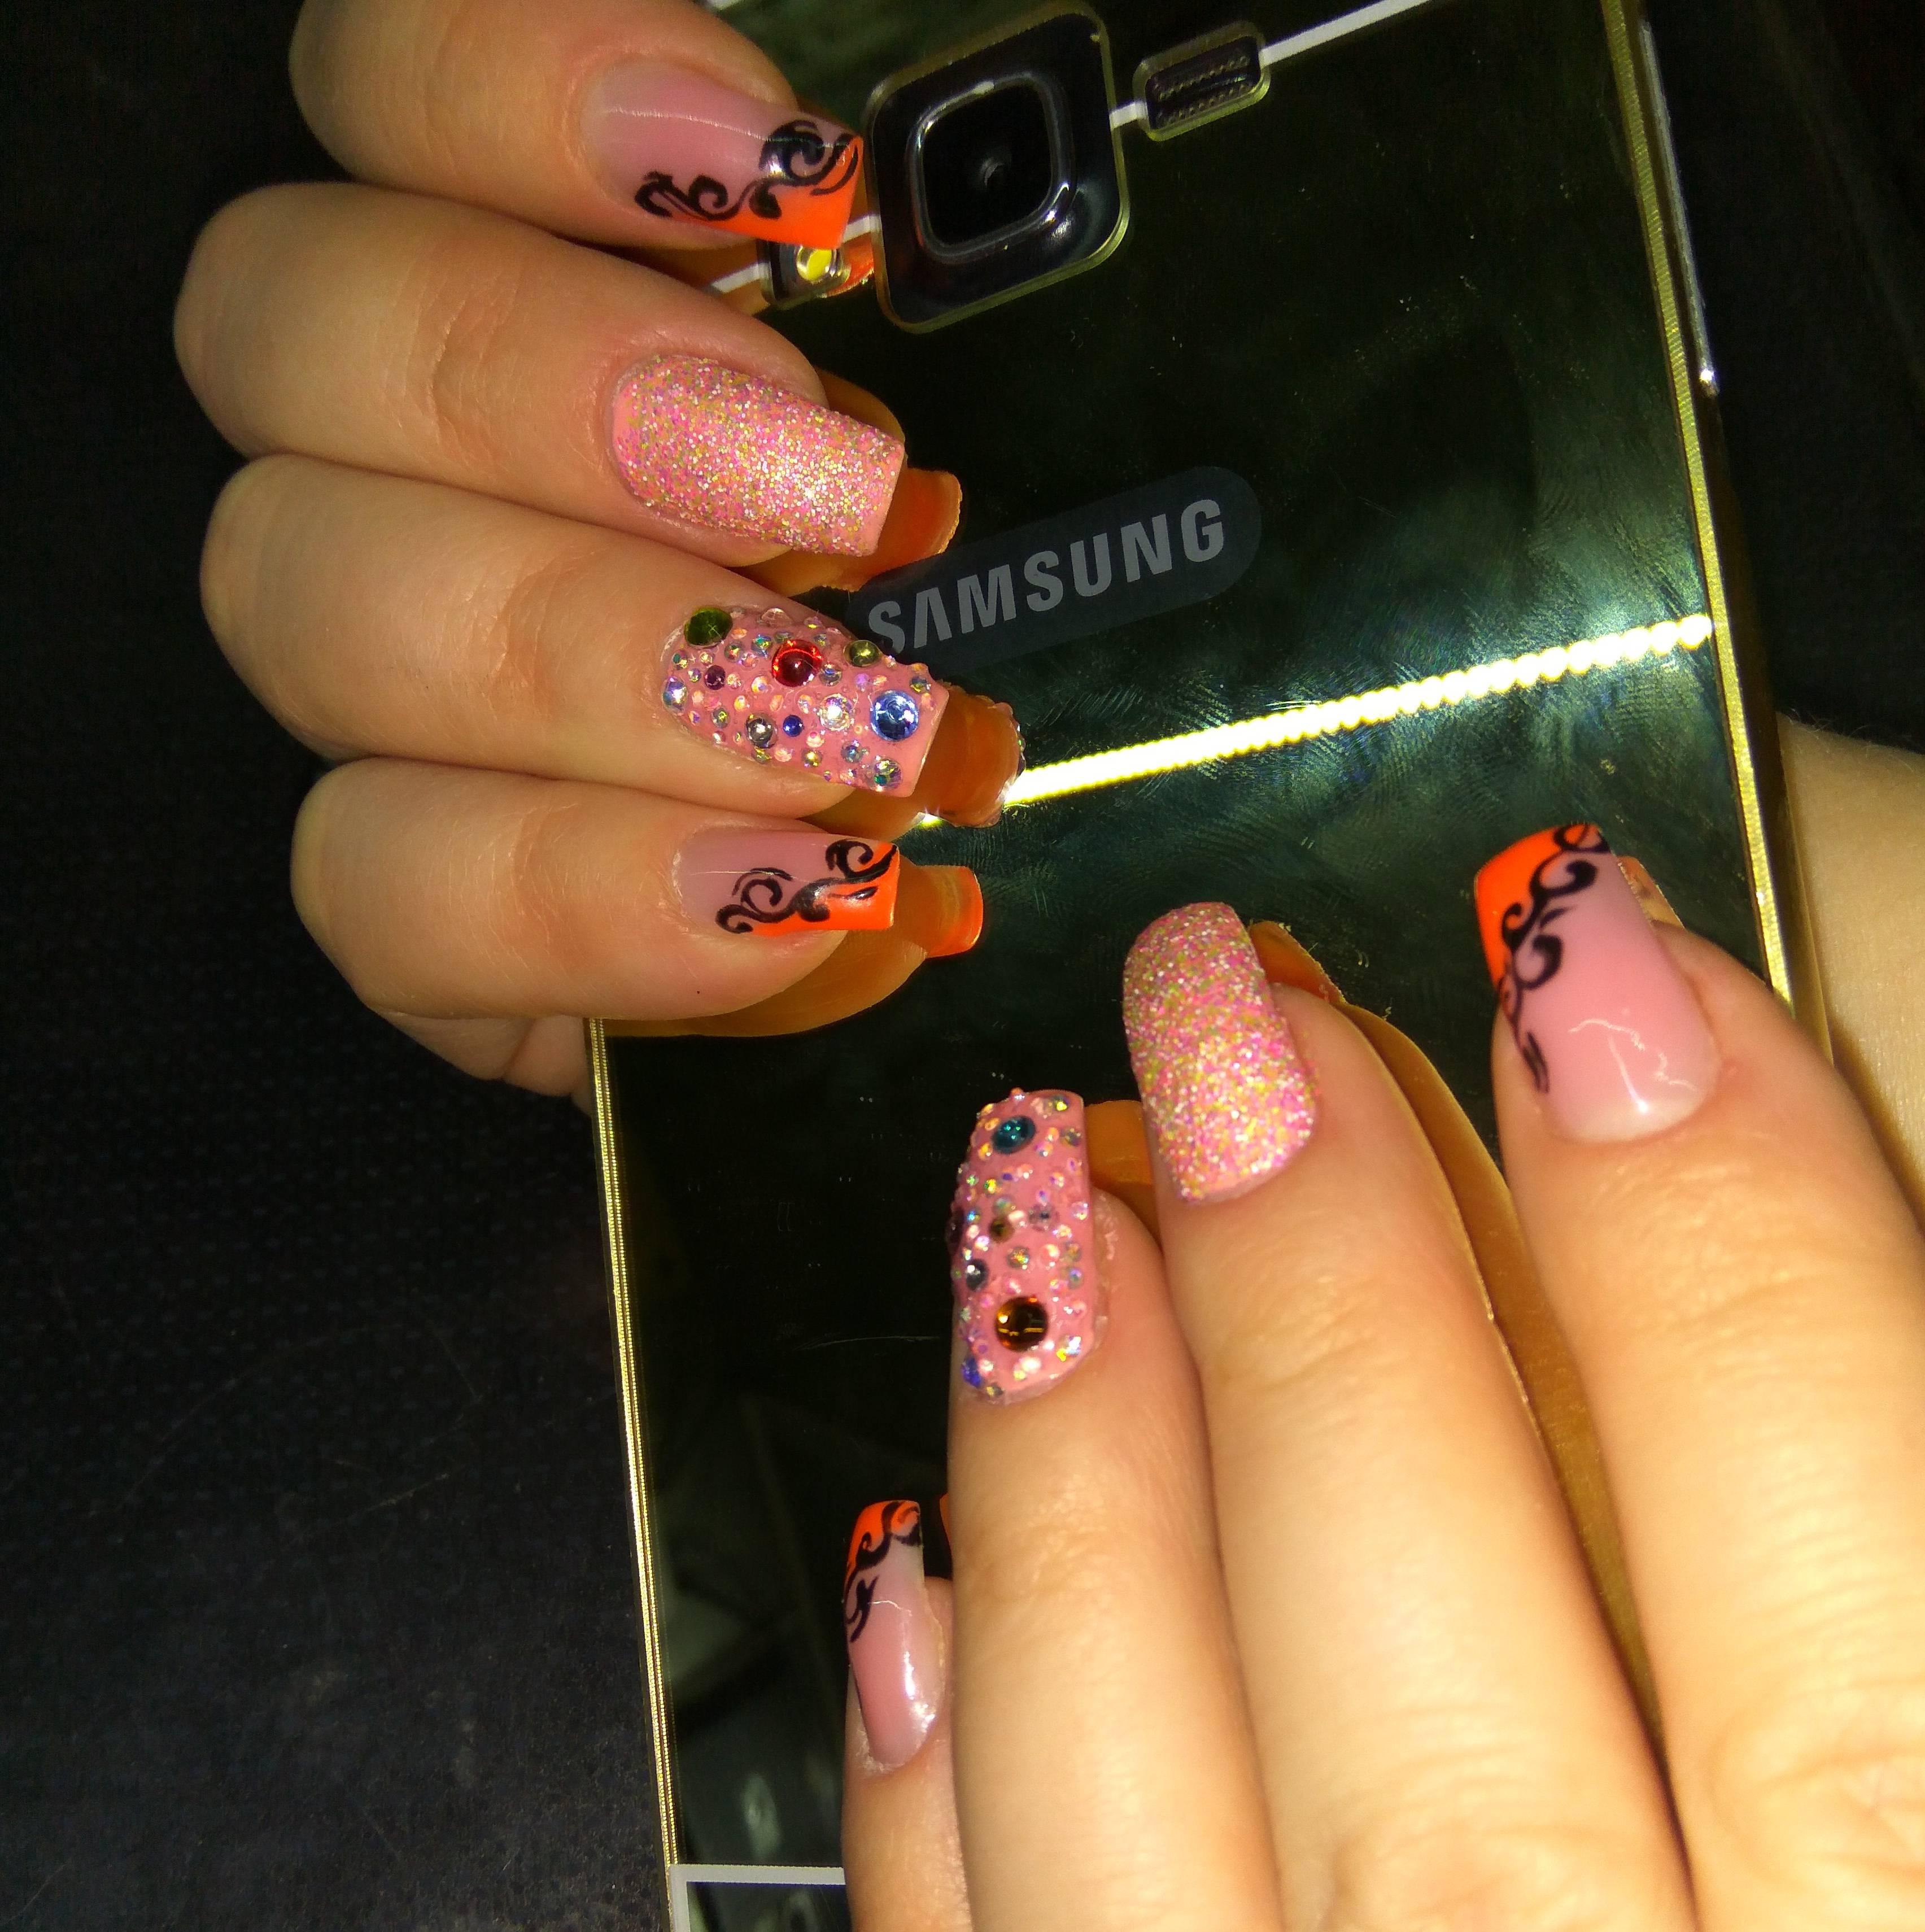 Наращенные ногти с матовым розовым покрытием и узорами